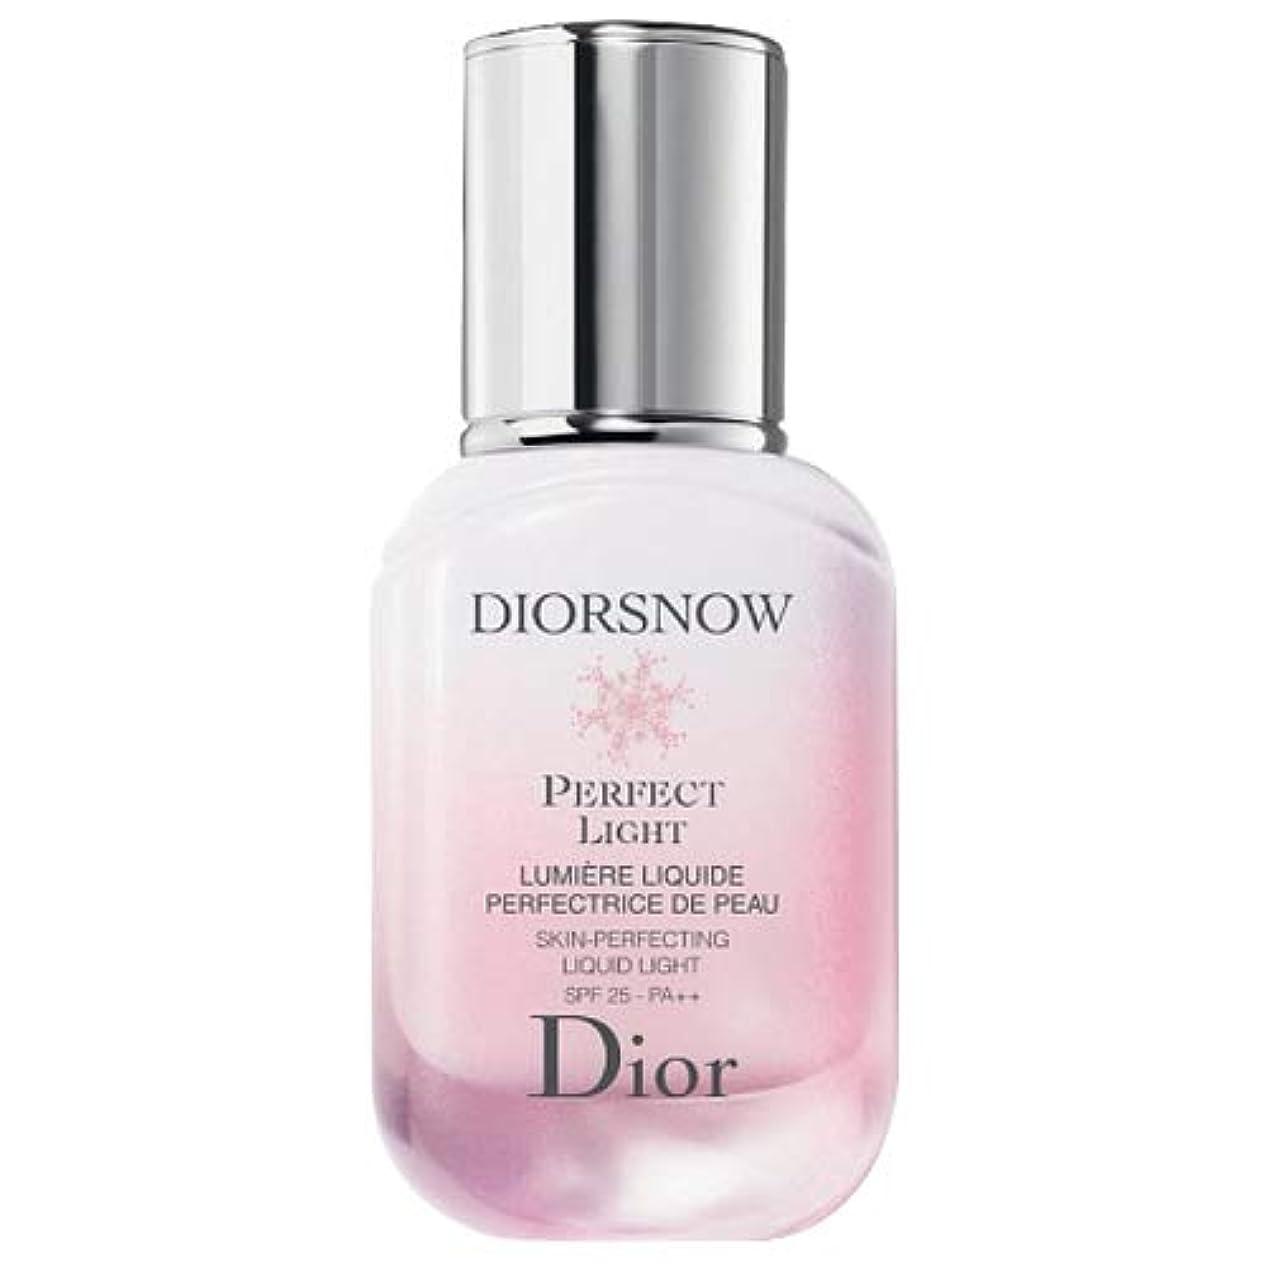 虚弱ファッションコピークリスチャンディオール Christian Dior スノーパーフェクト ライト SPF25/PA++ 30mL [並行輸入品]